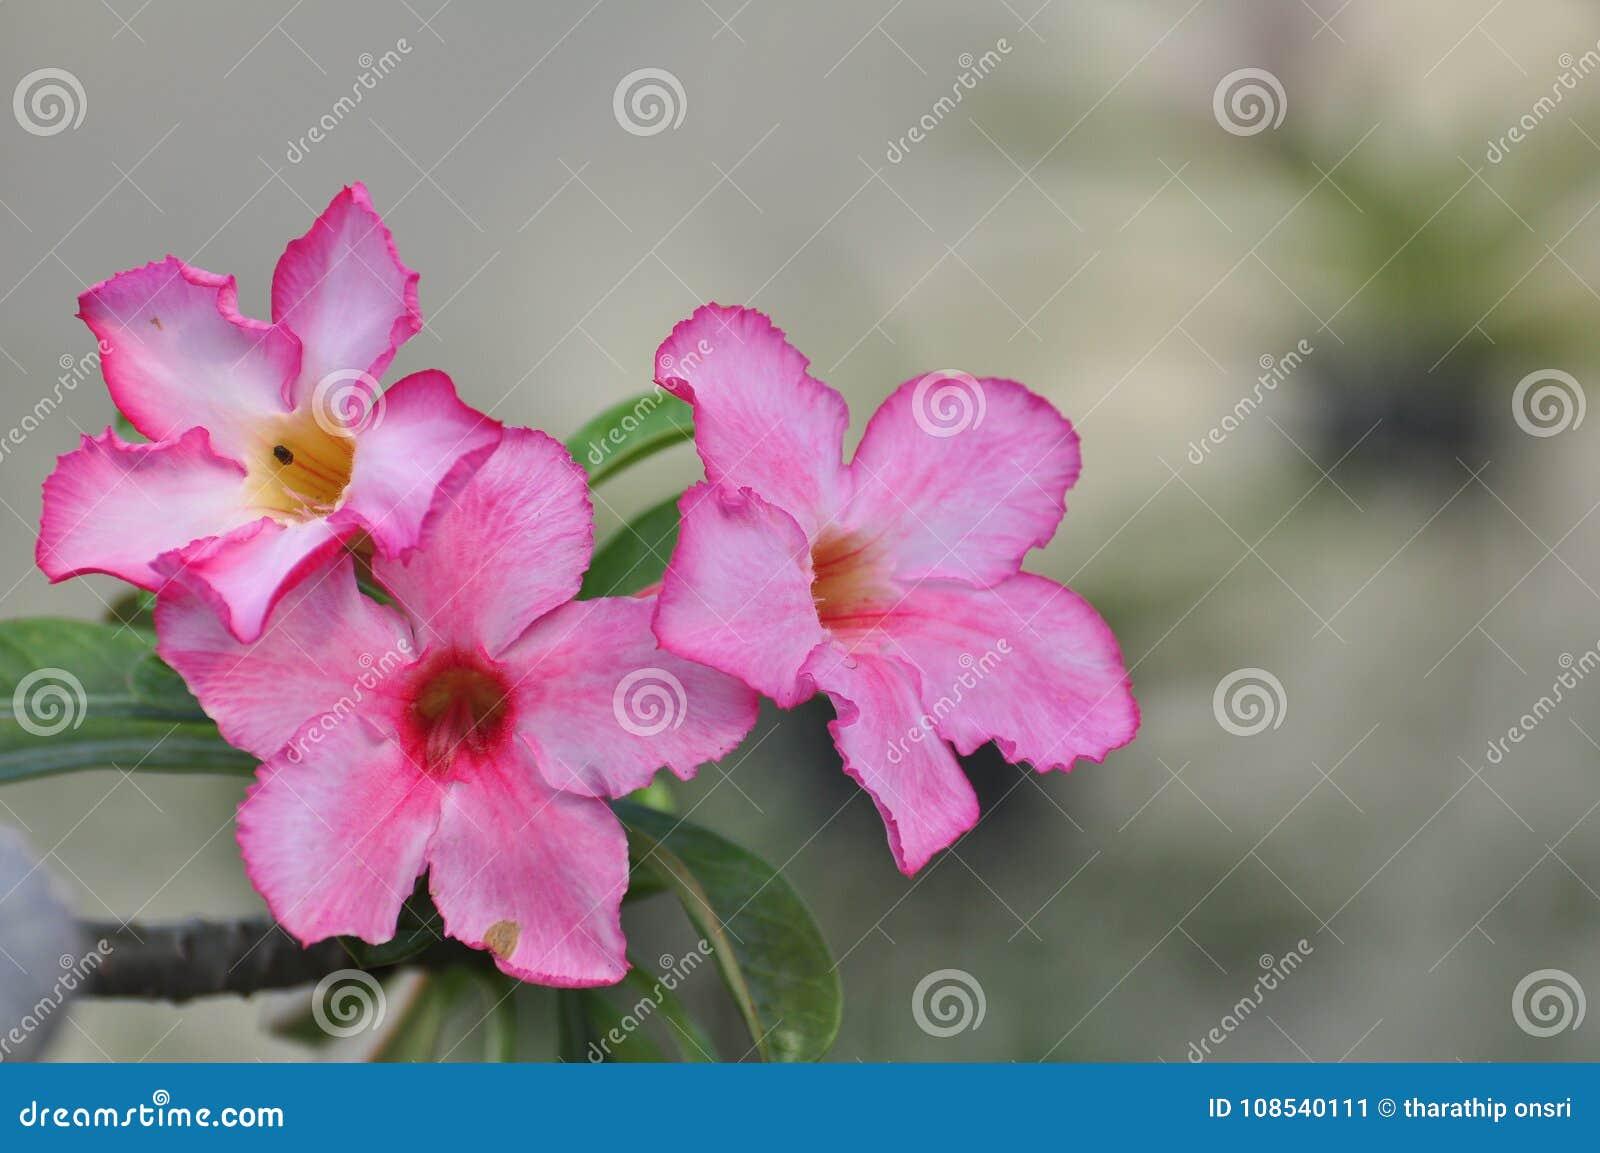 Pink Desert Rose Flowerautiful Pink Flowers Stock Image Image